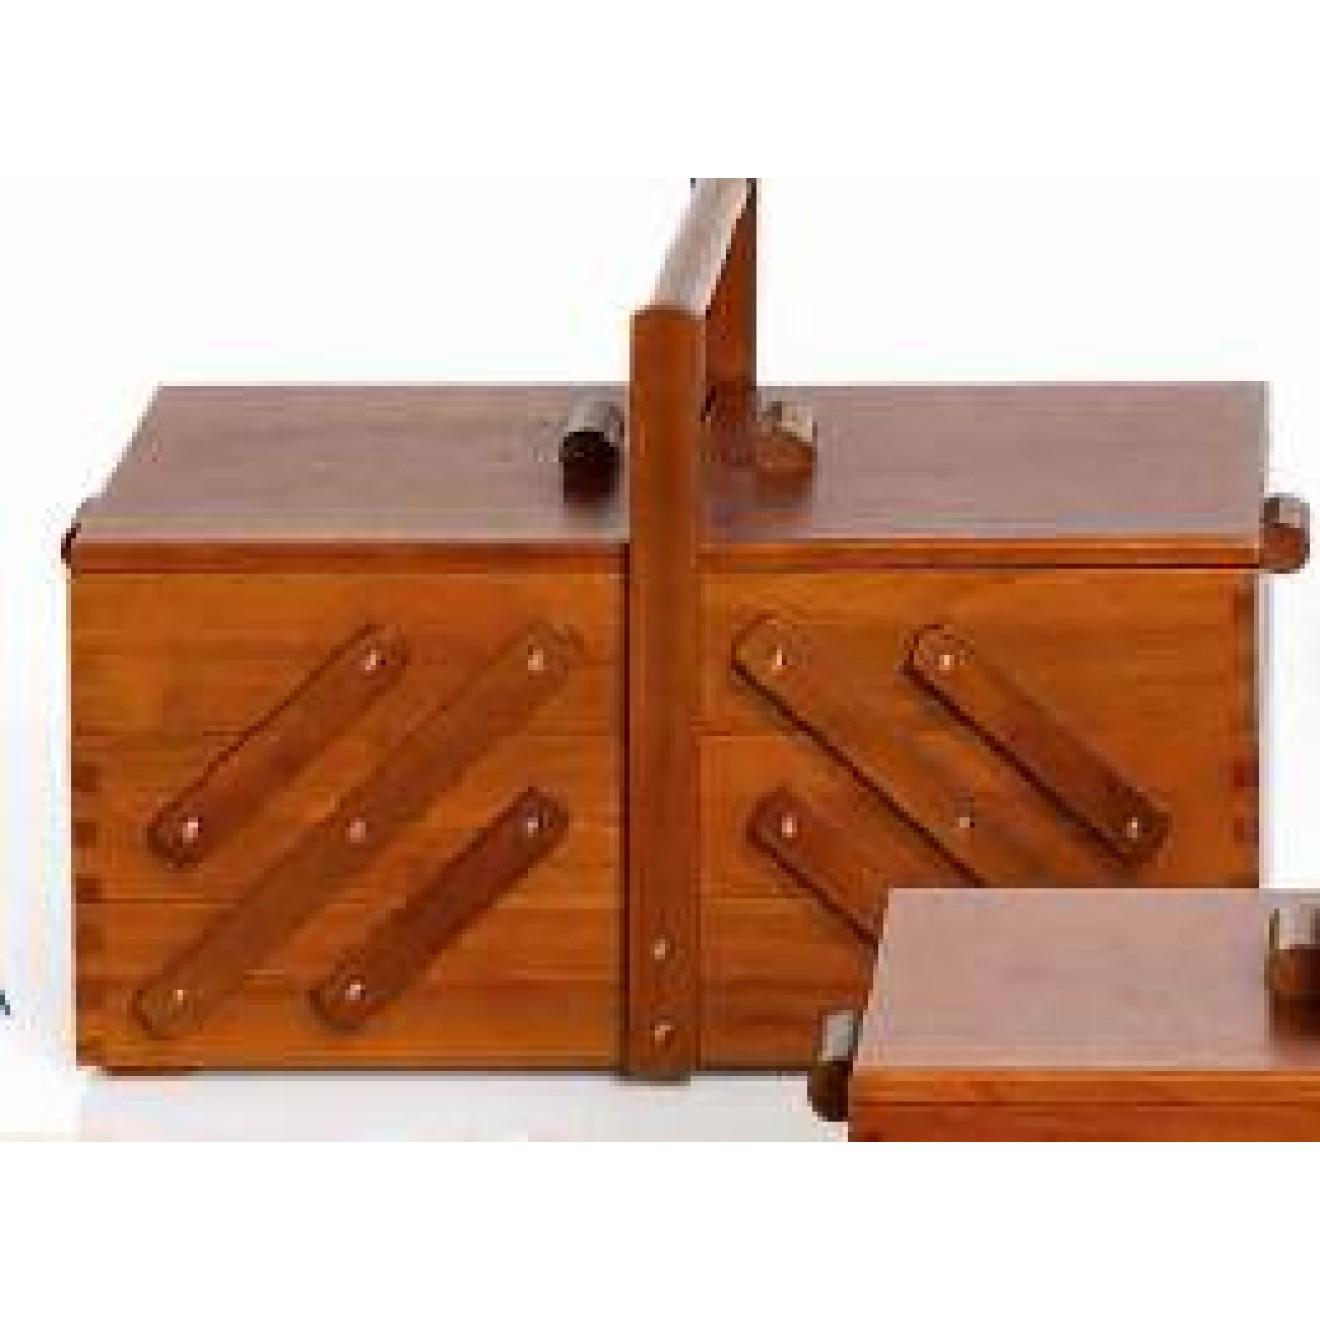 n hkasten holz plus h gro h ndler f r kurzwaren und handarbeit plauener handstickerei. Black Bedroom Furniture Sets. Home Design Ideas